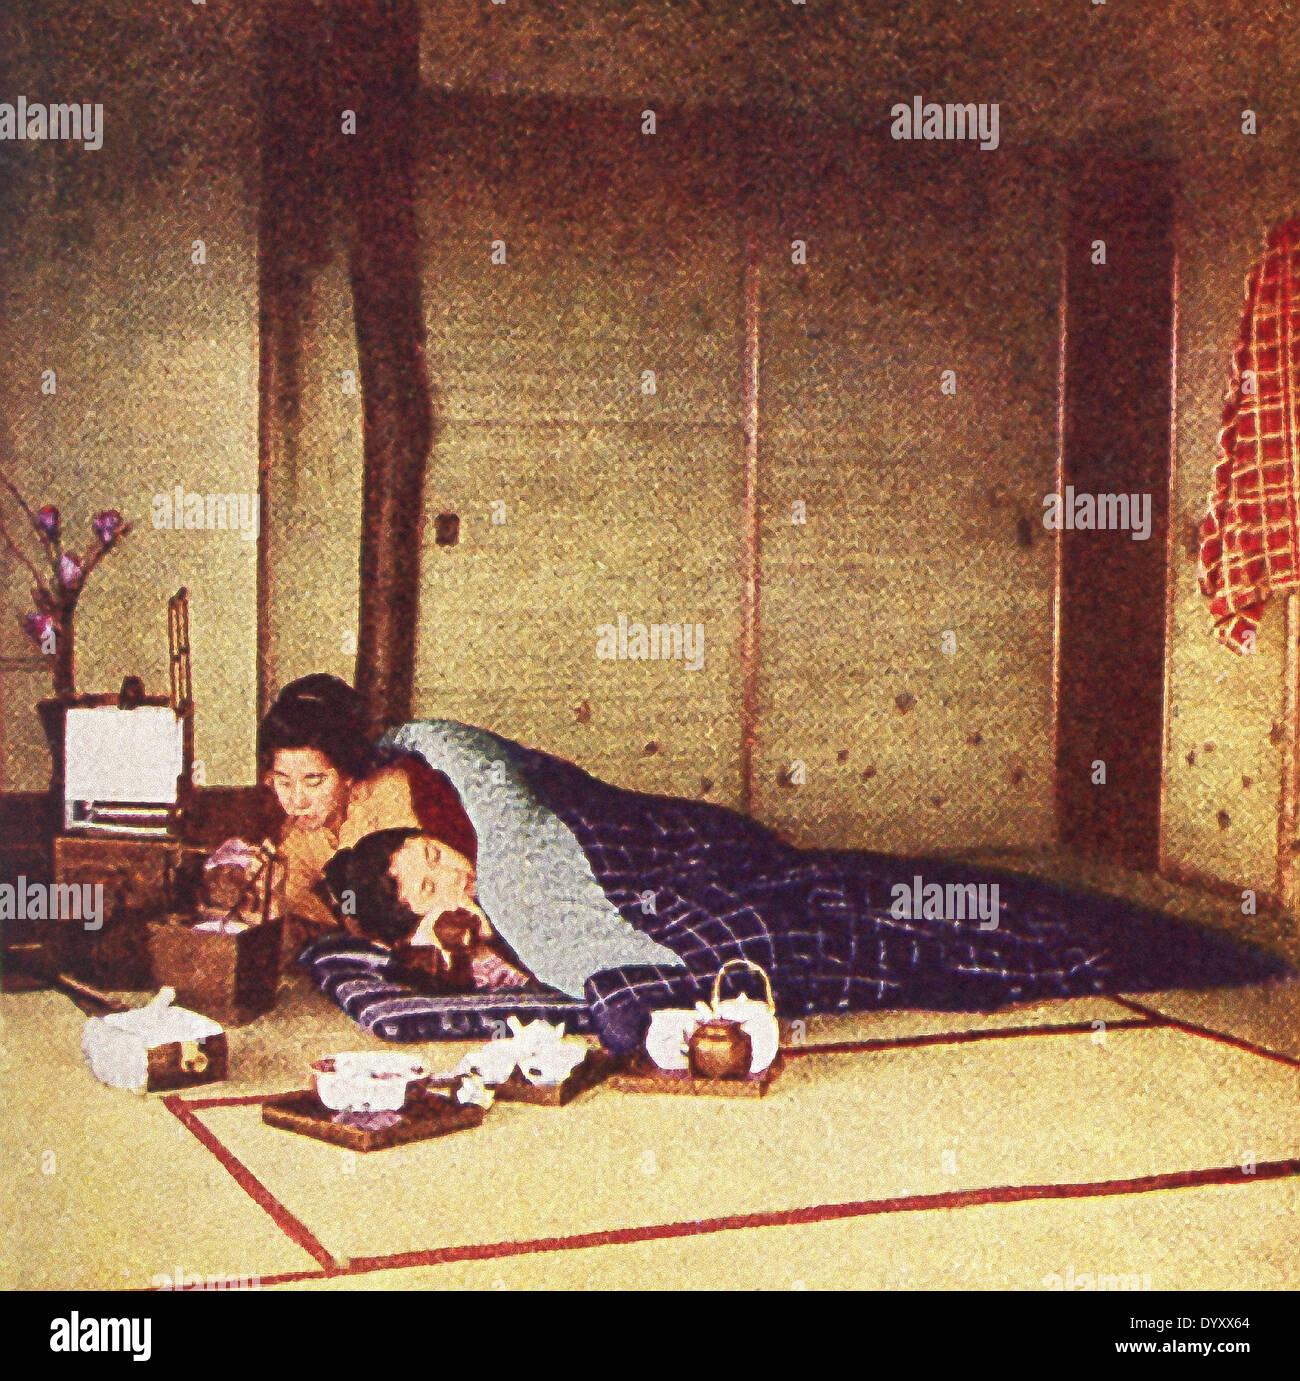 Diese Szene In Japan Bis 1909 Und Zeigt Ein Japanisches Bett Und Ein